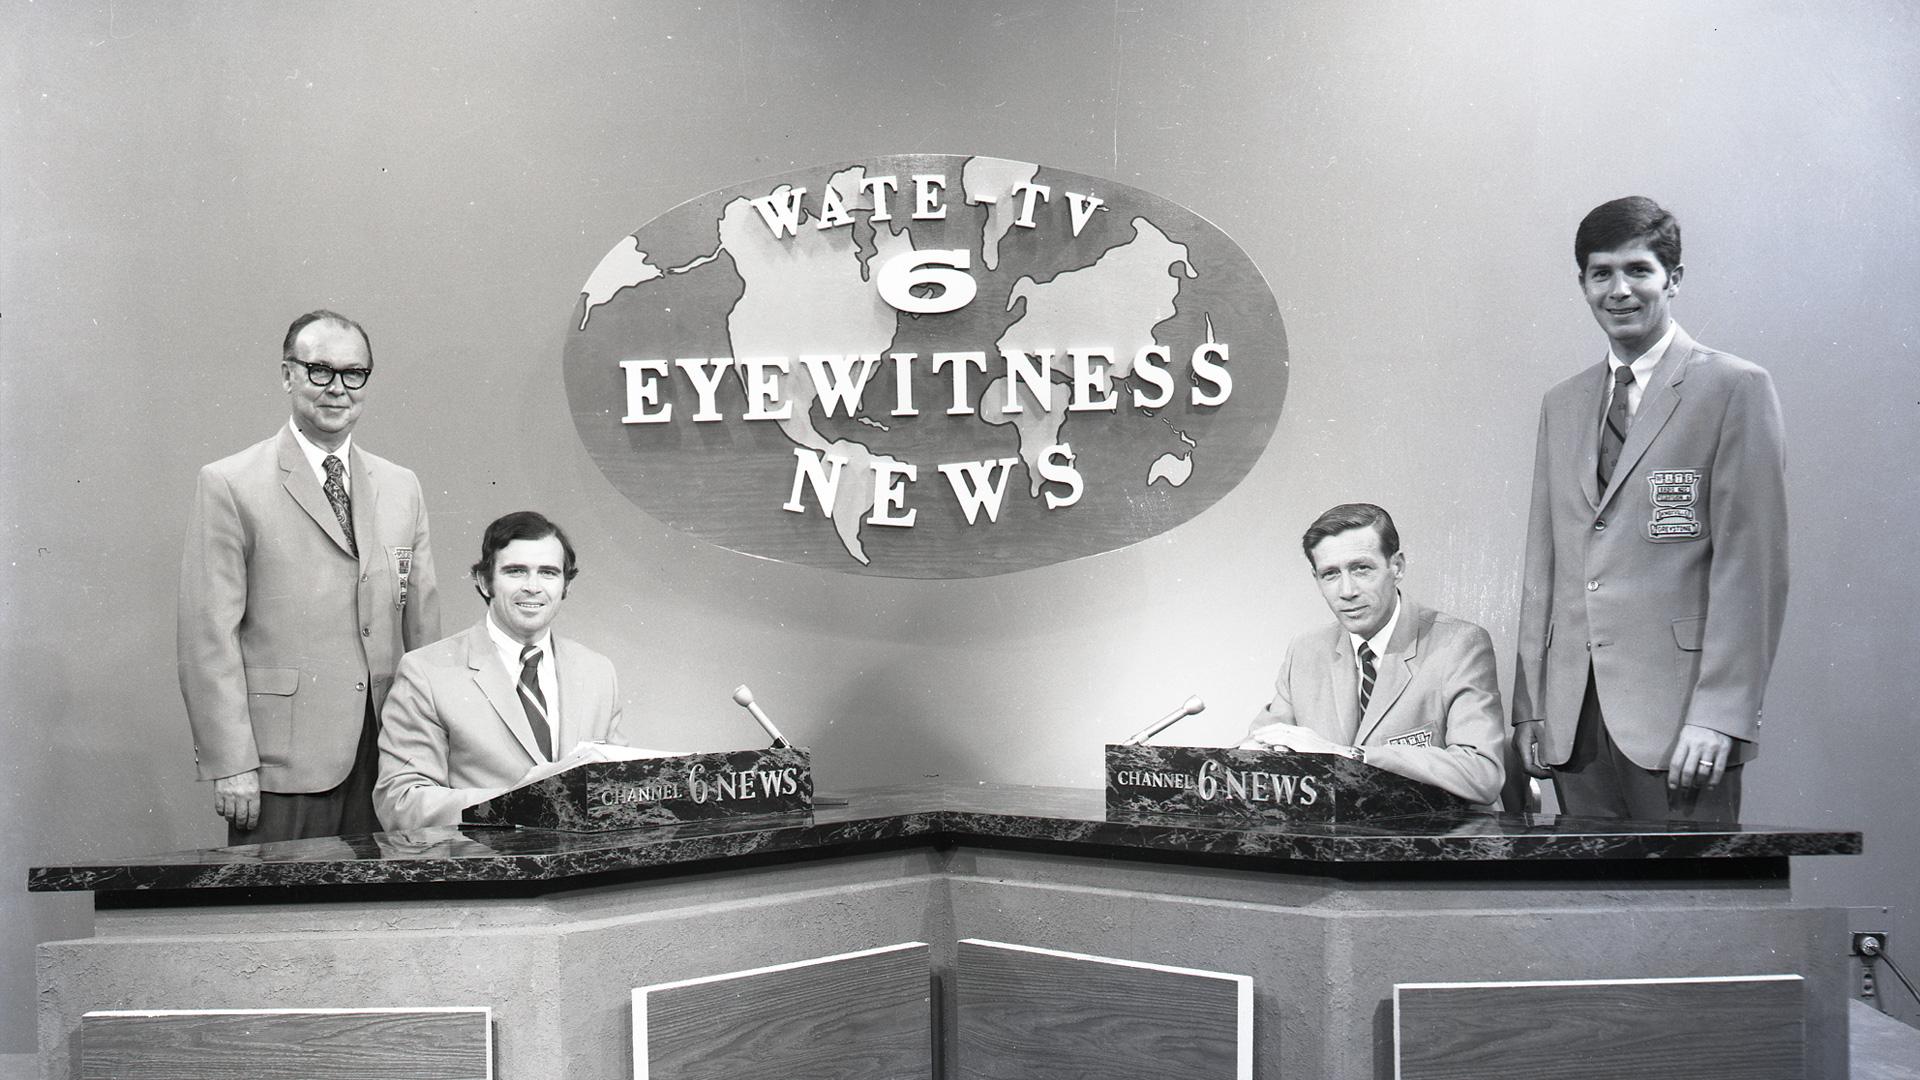 WATE TV 6 Eyewitness News